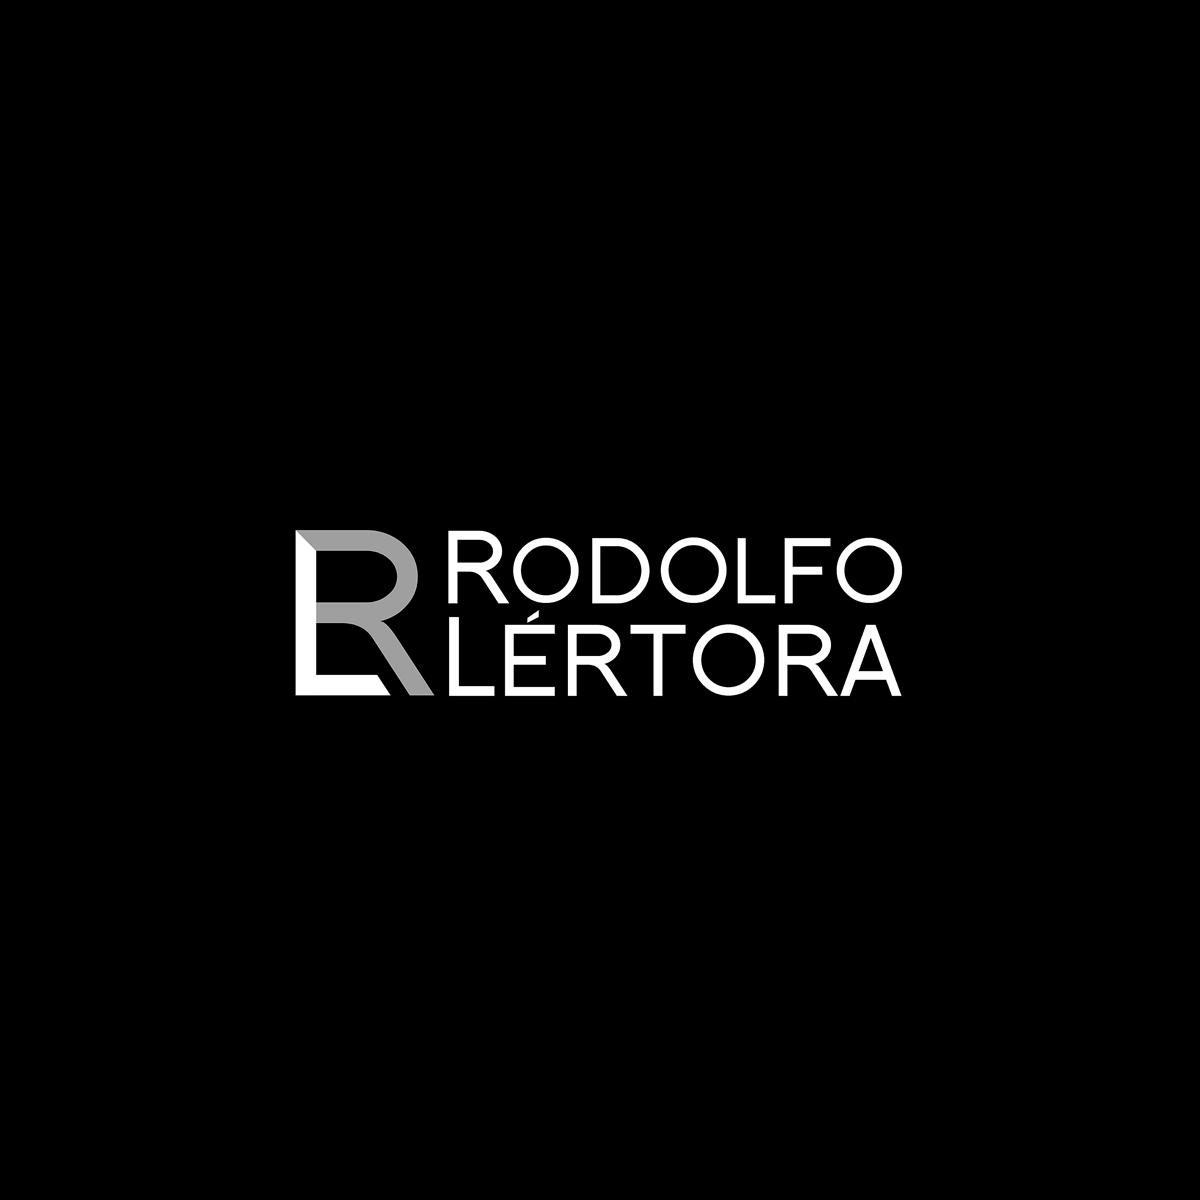 rodolfolertora.cl